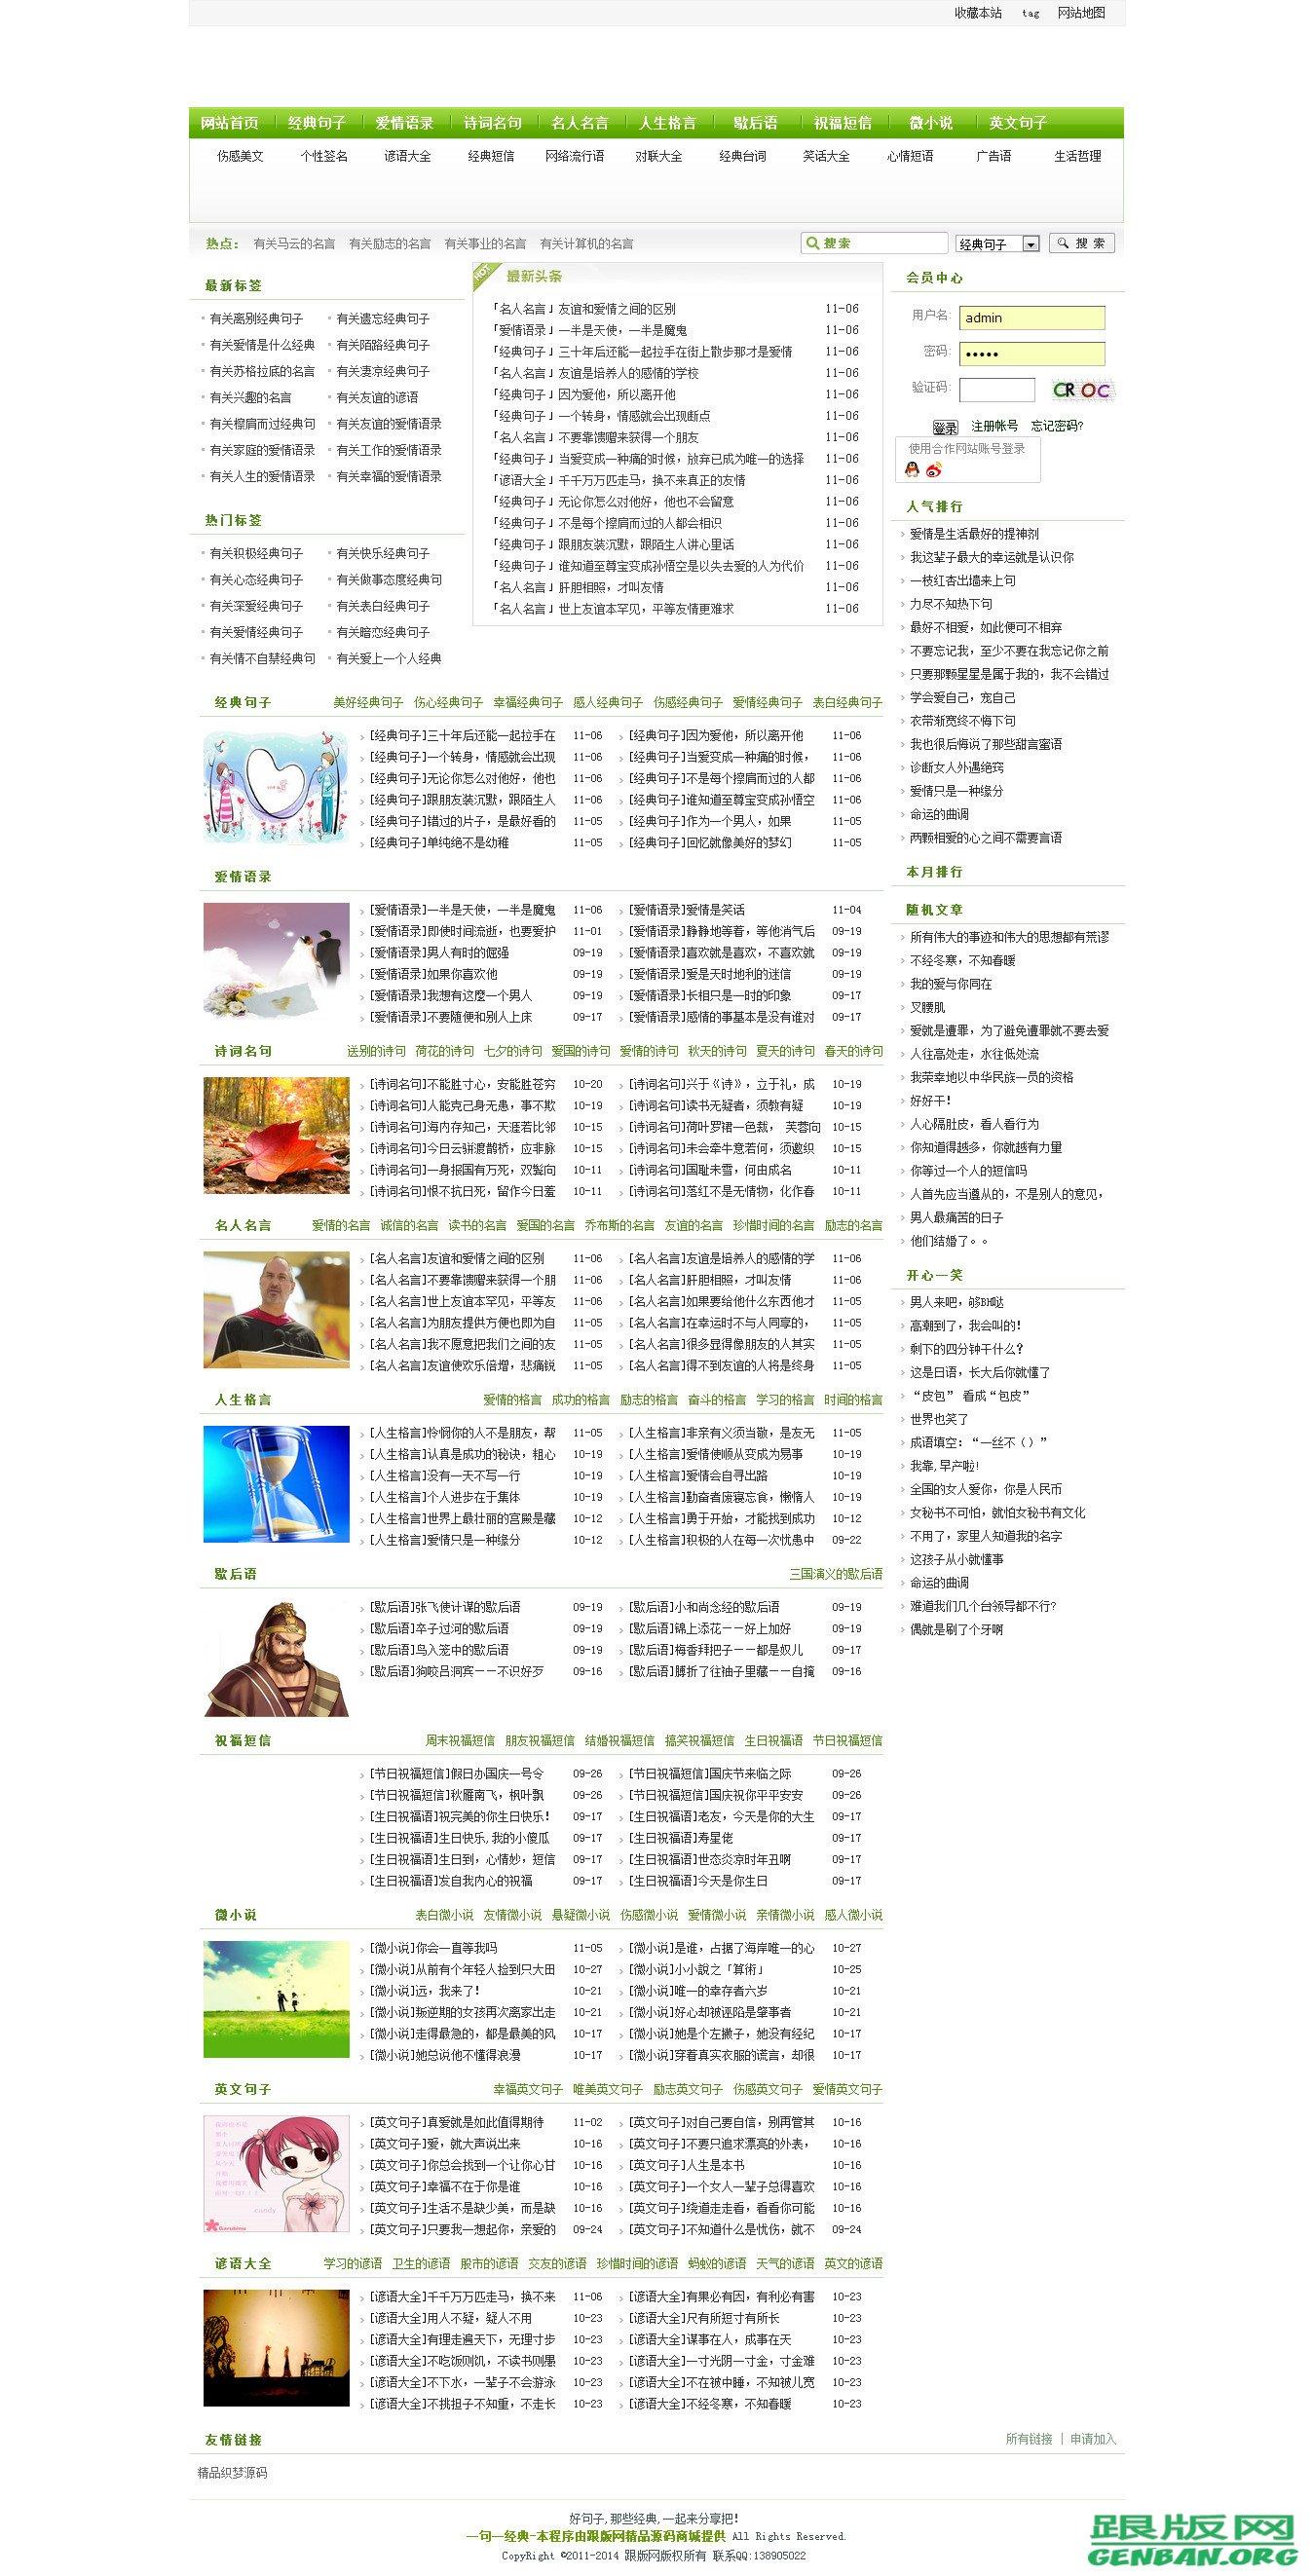 经典文学网站源码-dedecms文学网站源码